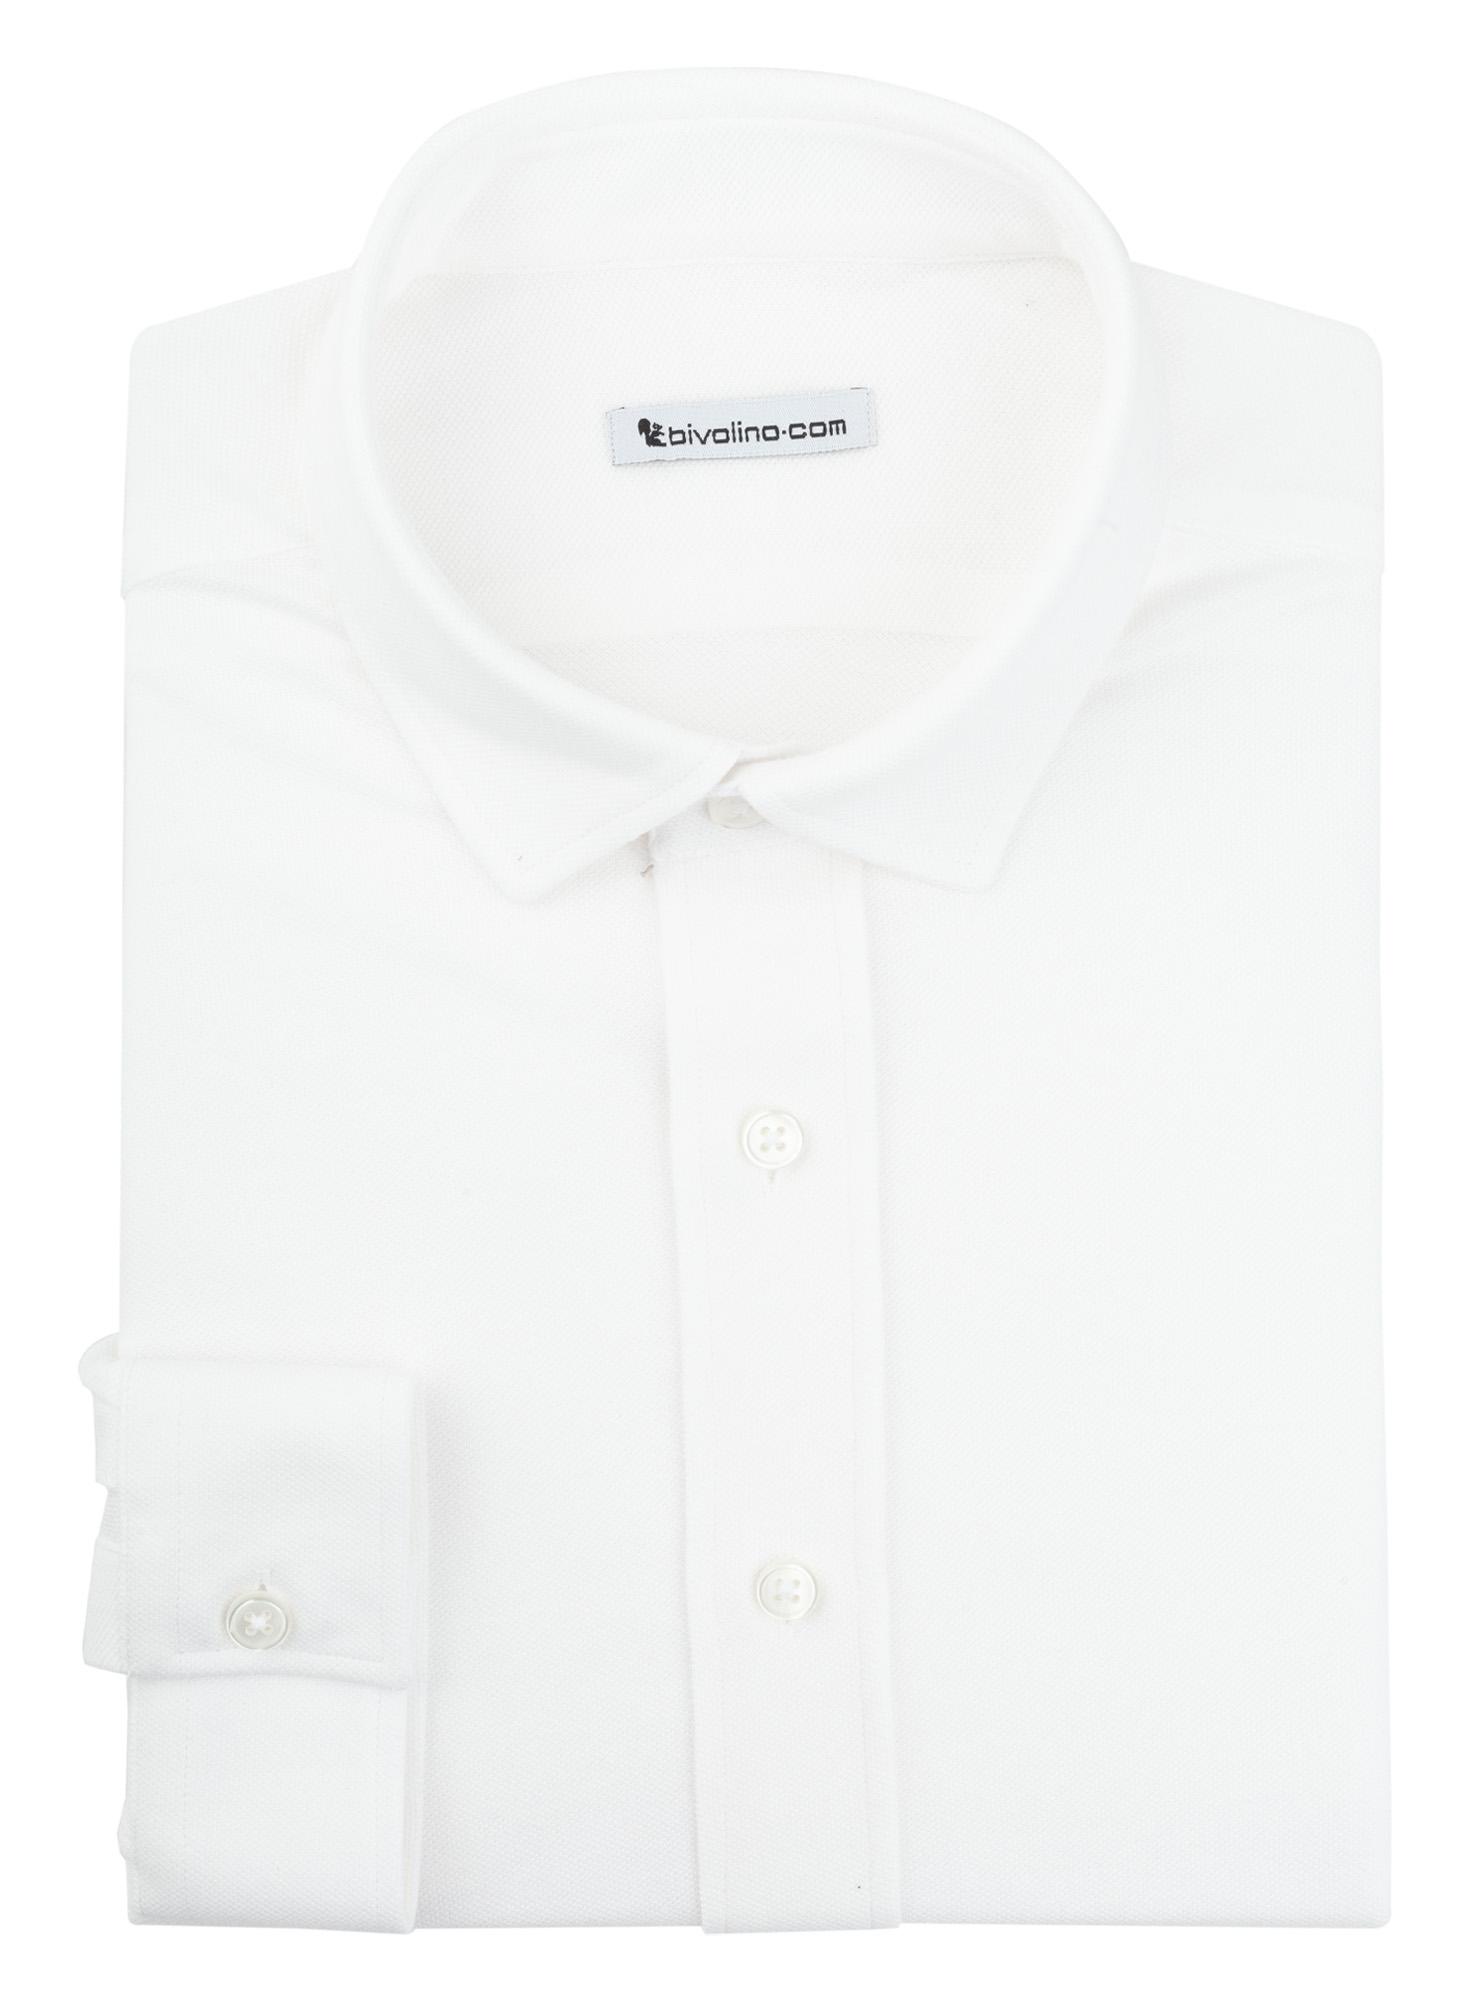 JERSILIONI - 100% coton piqué Jersey weiss  JERSILI 1